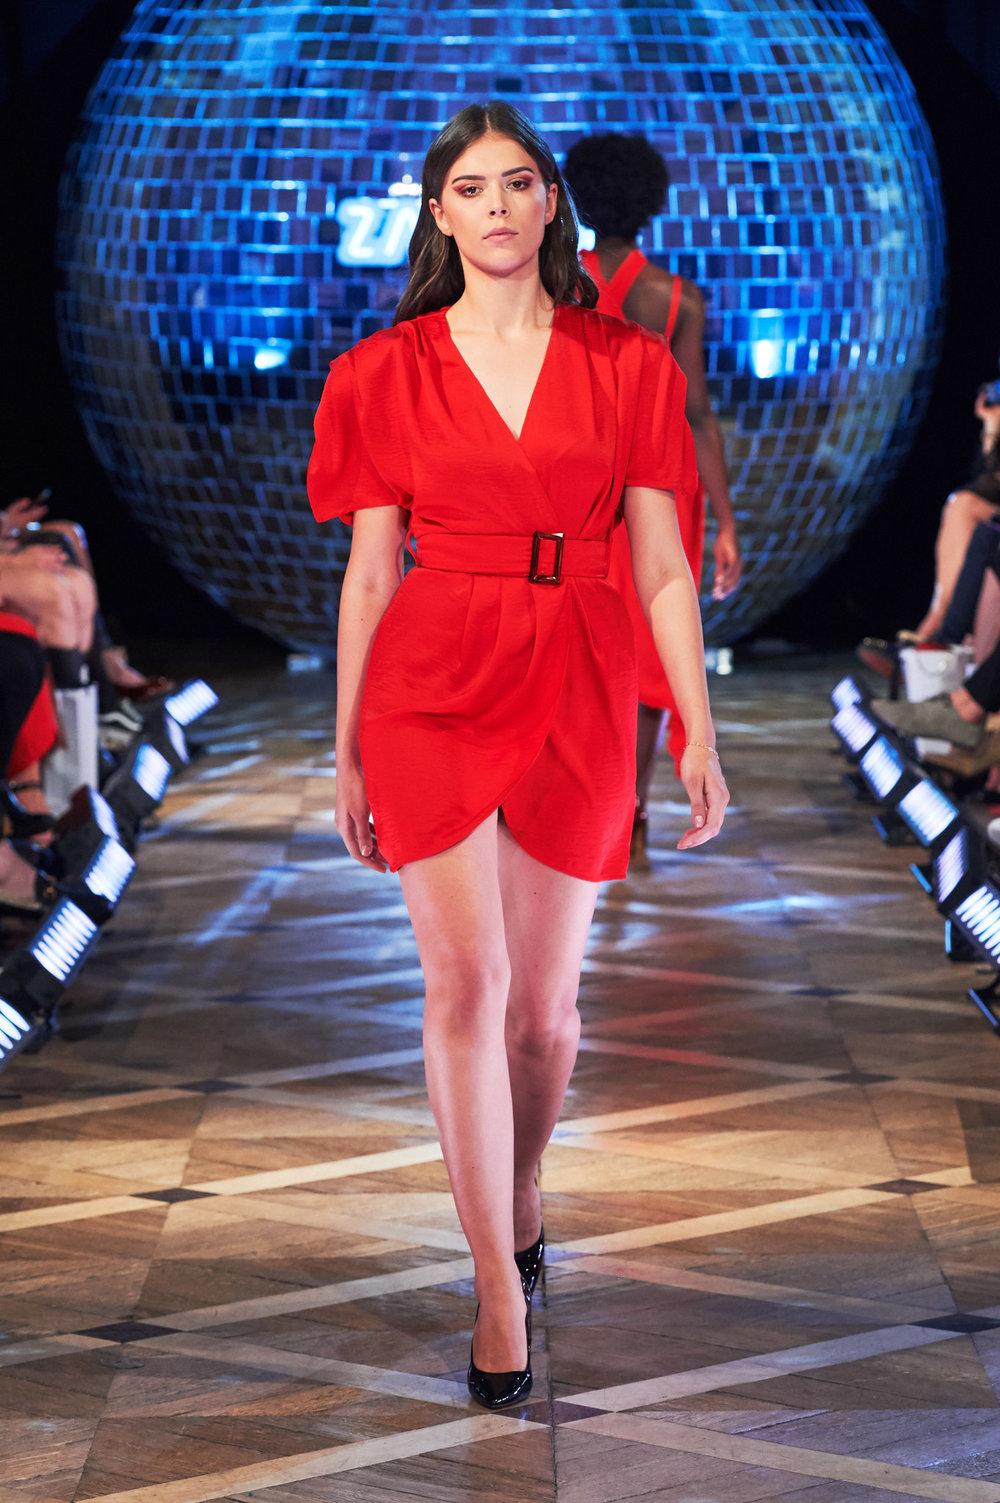 26_ZAQUAD_090519_lowres-fotFilipOkopny-FashionImages.jpg